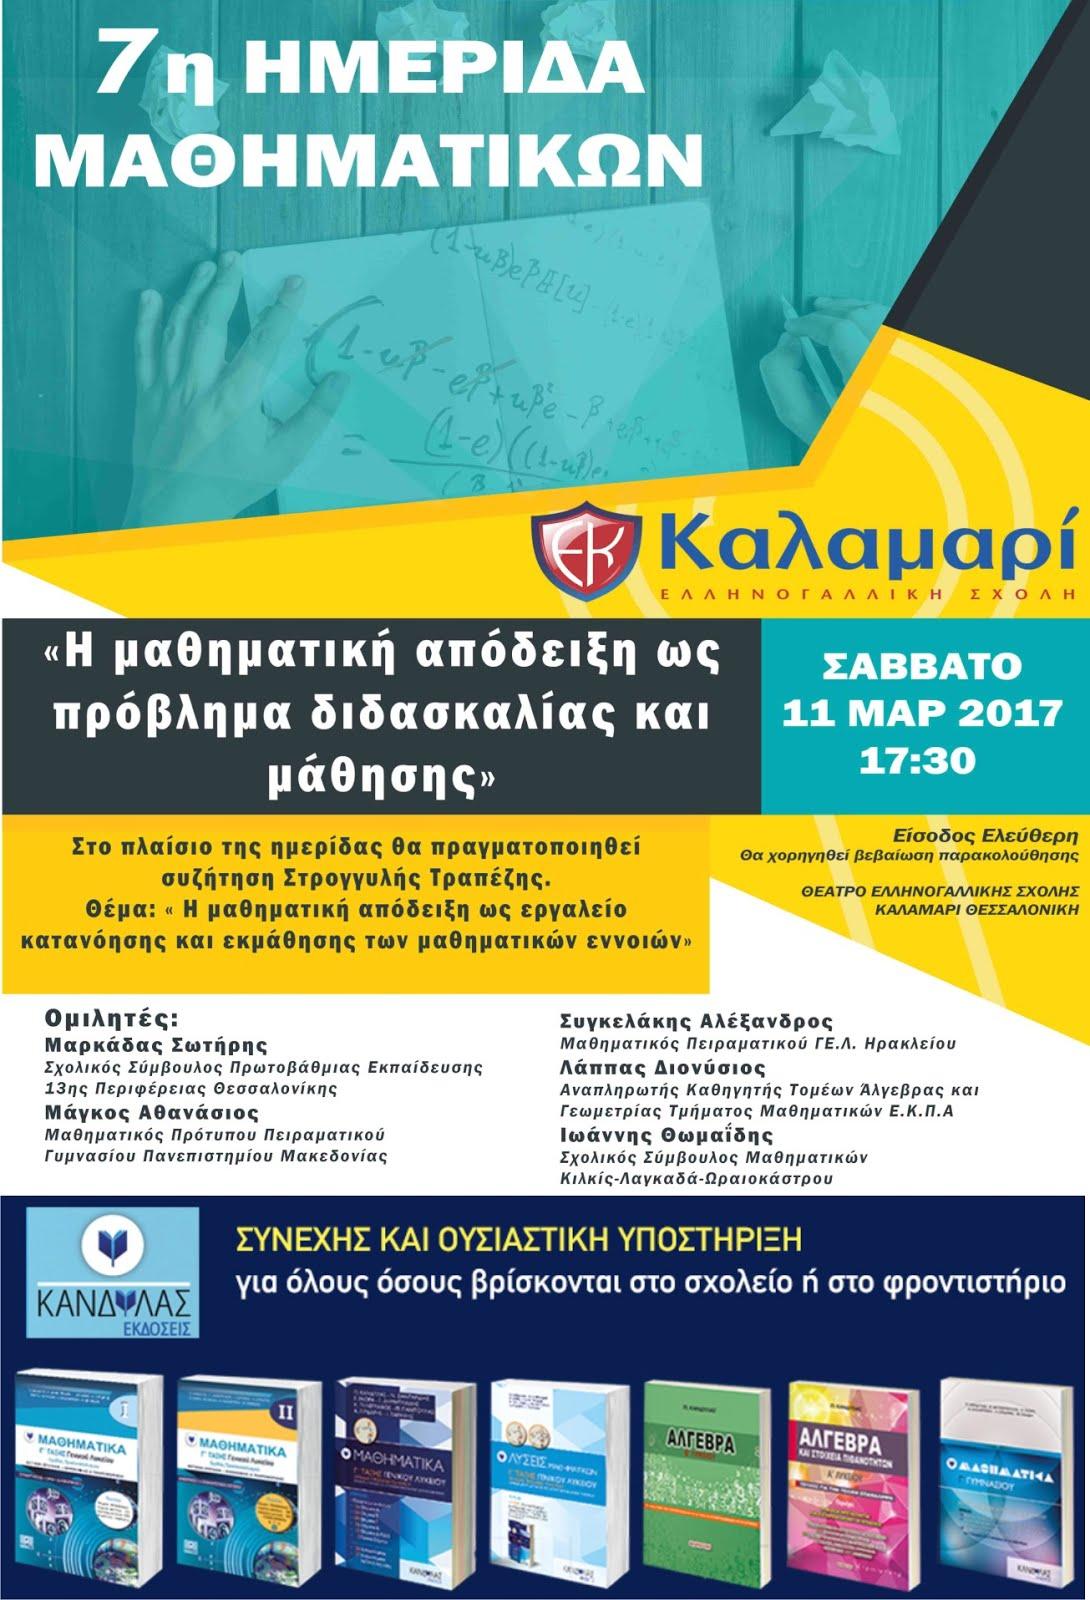 Χορηγός επικοινωνίας: lisari.blogspot.gr